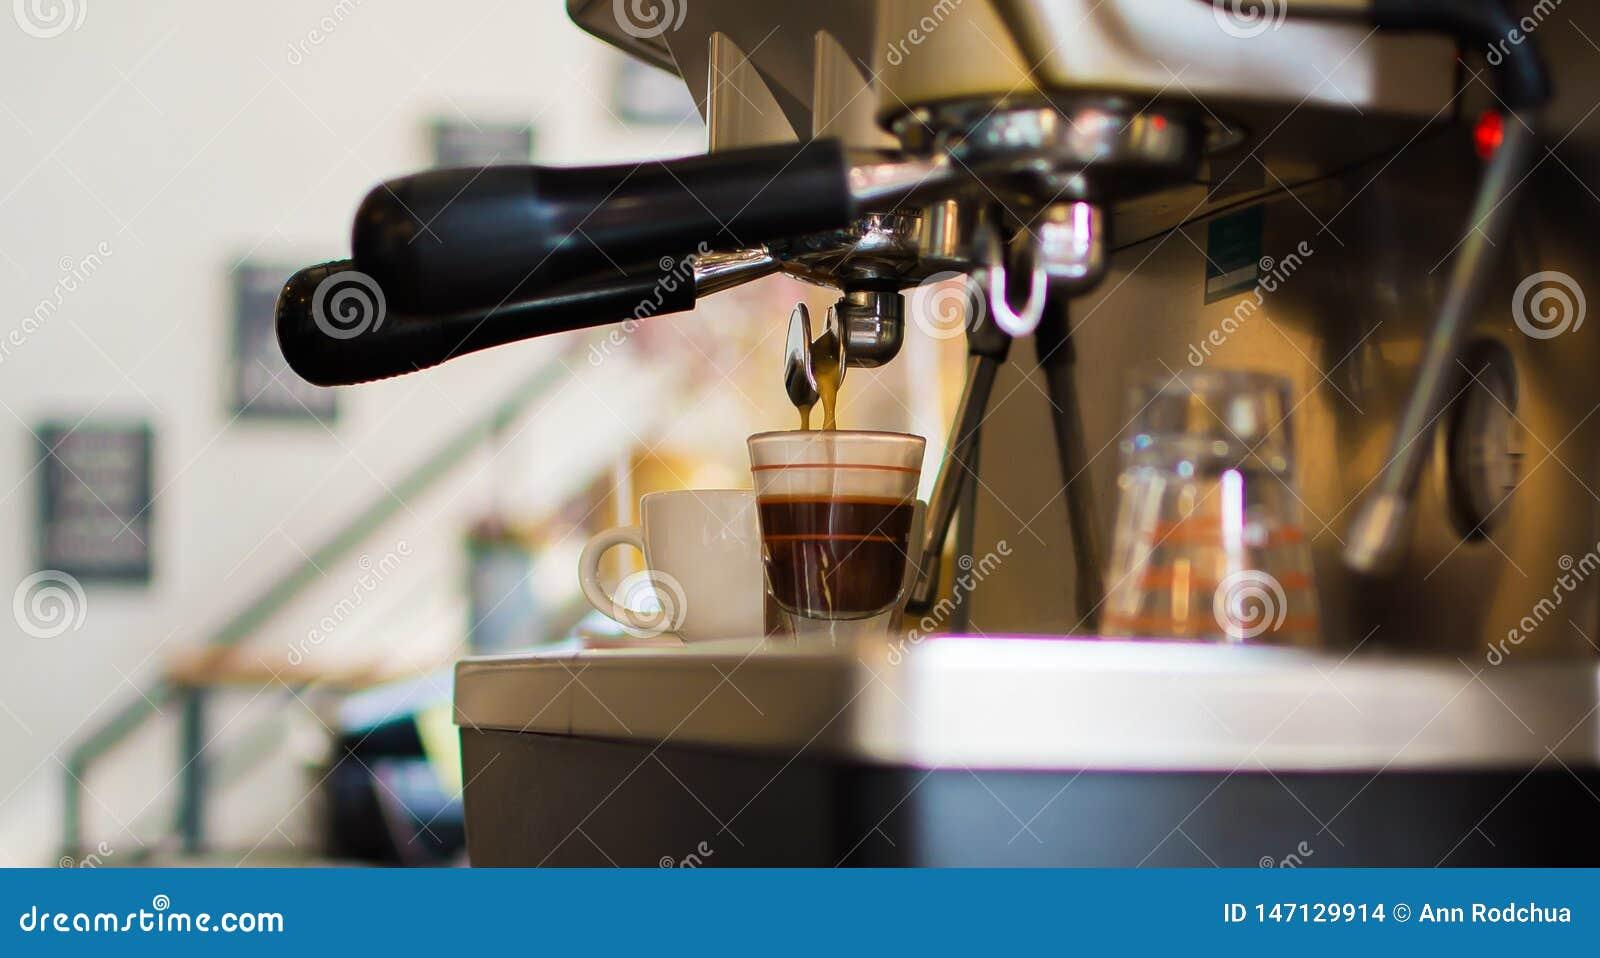 Il caffè sta preparando dalla macchina per servire ad un cliente